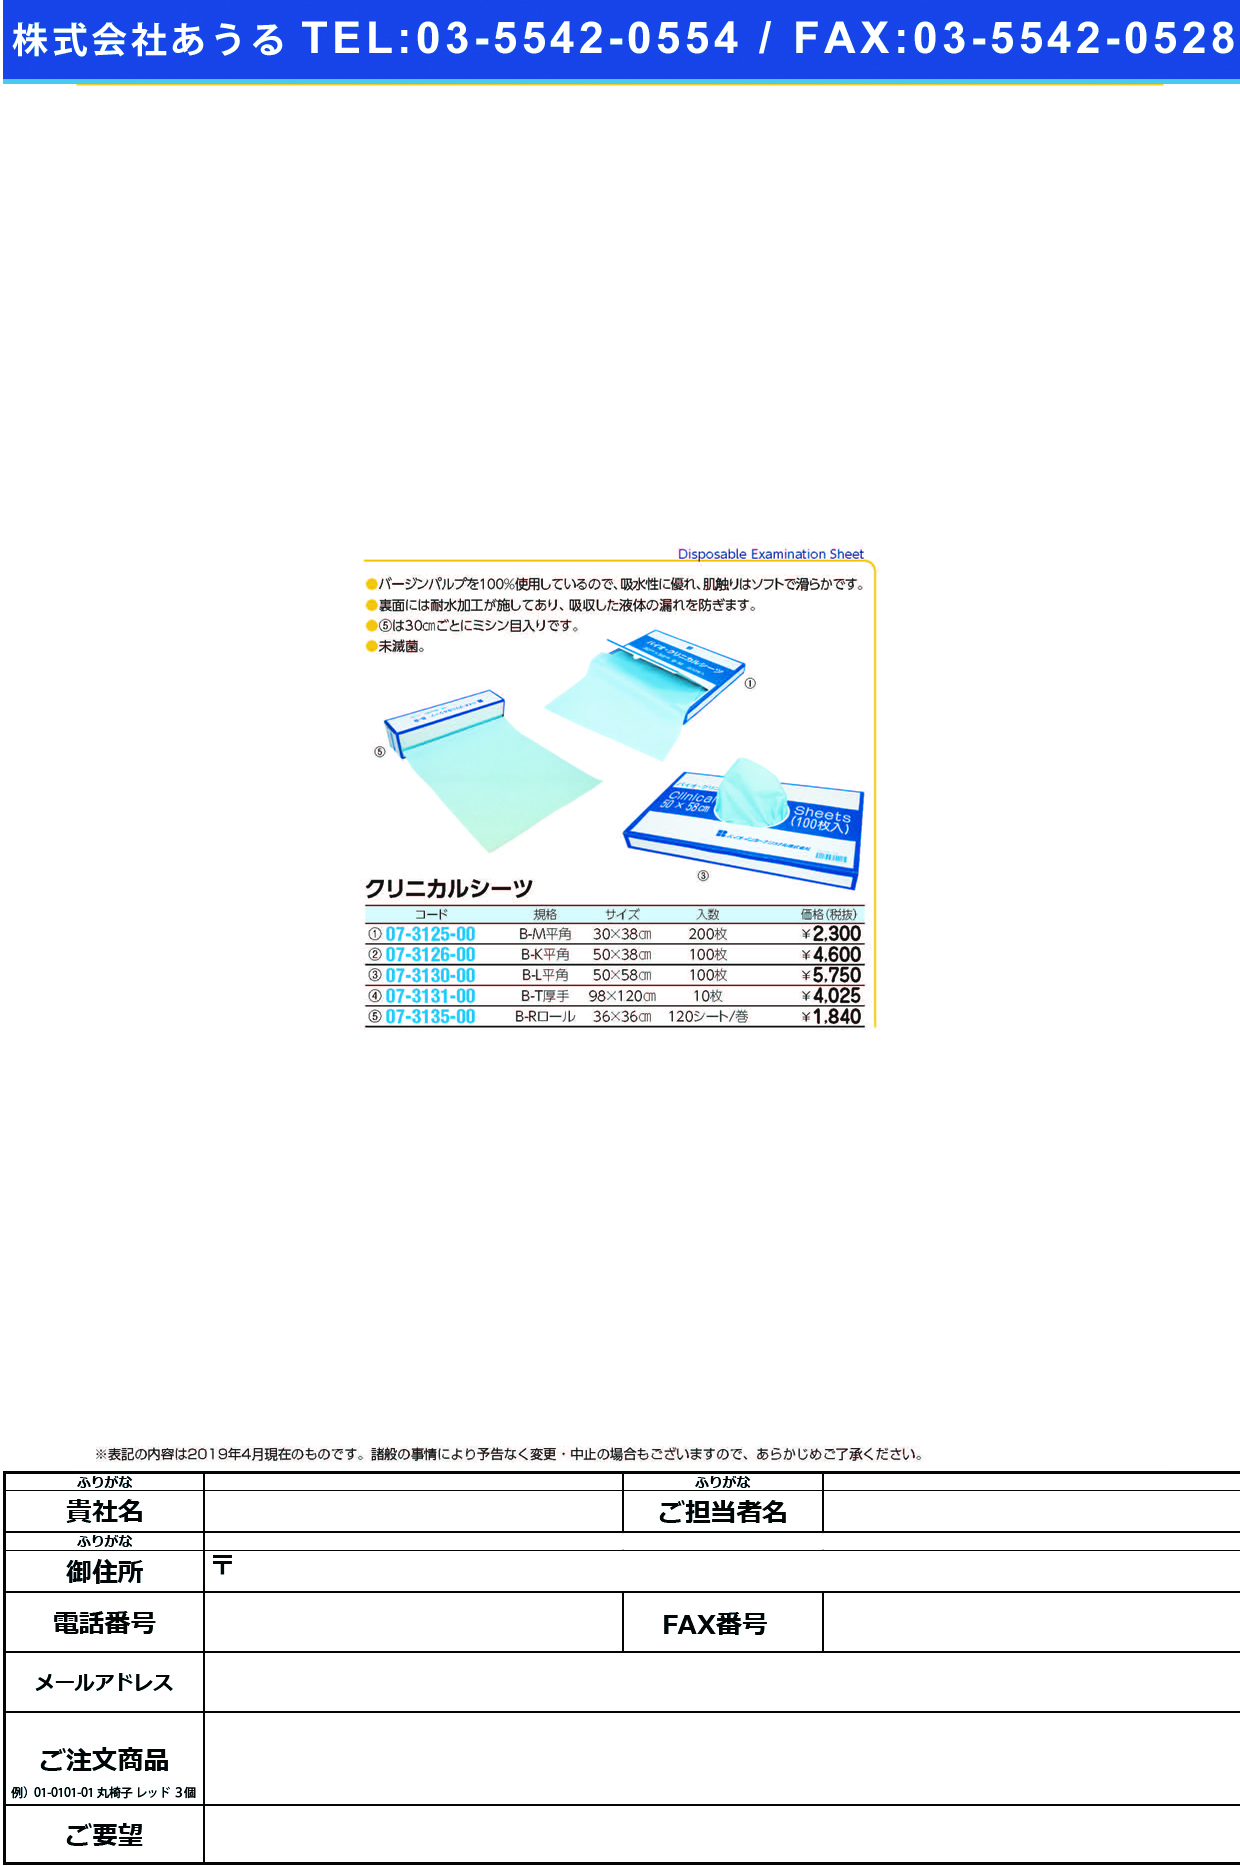 (07-3131-00)クリニカルシーツ(B−T平角・厚手) 98X120CM(10マイイリ) クリニカルシーツ【1袋単位】【2019年カタログ商品】